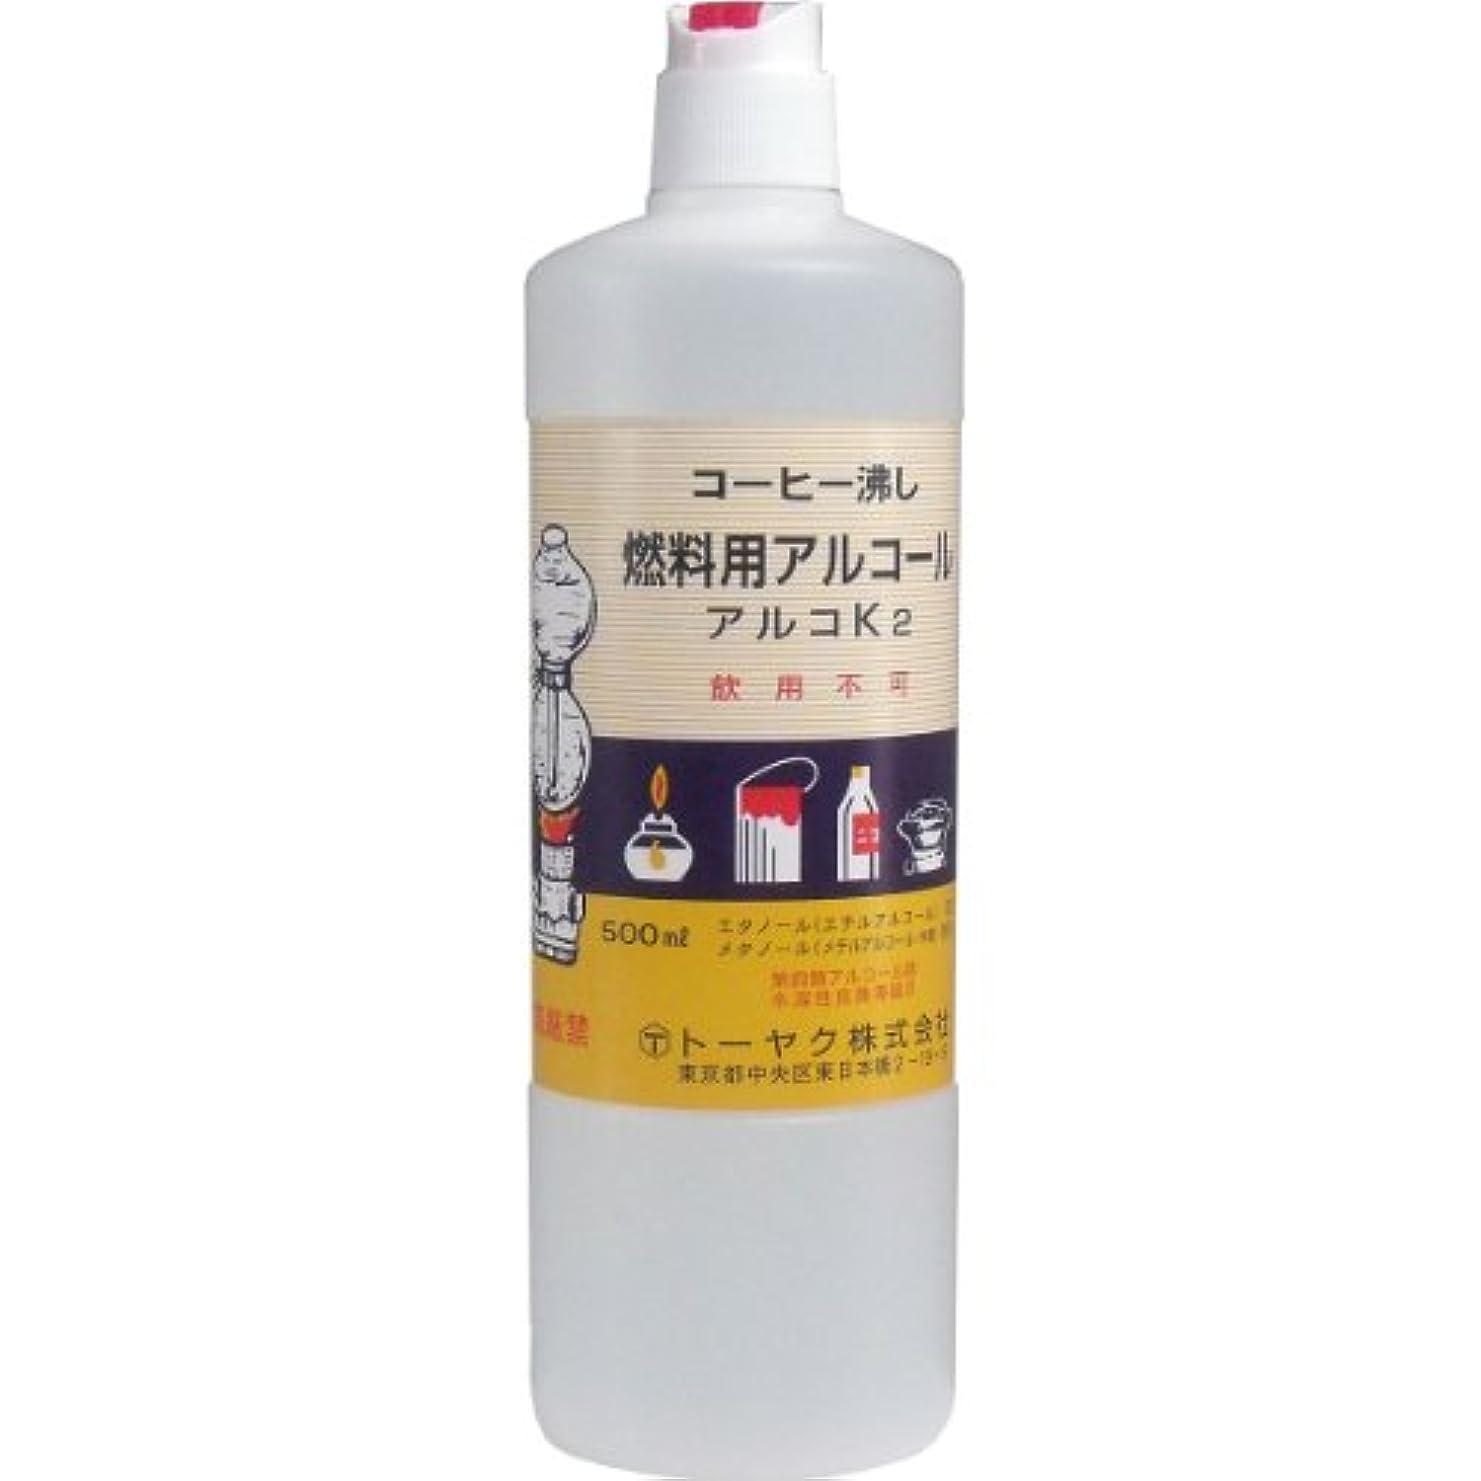 無駄に腹痛囲まれた燃料用アルコール アルコK2 ×3個セット